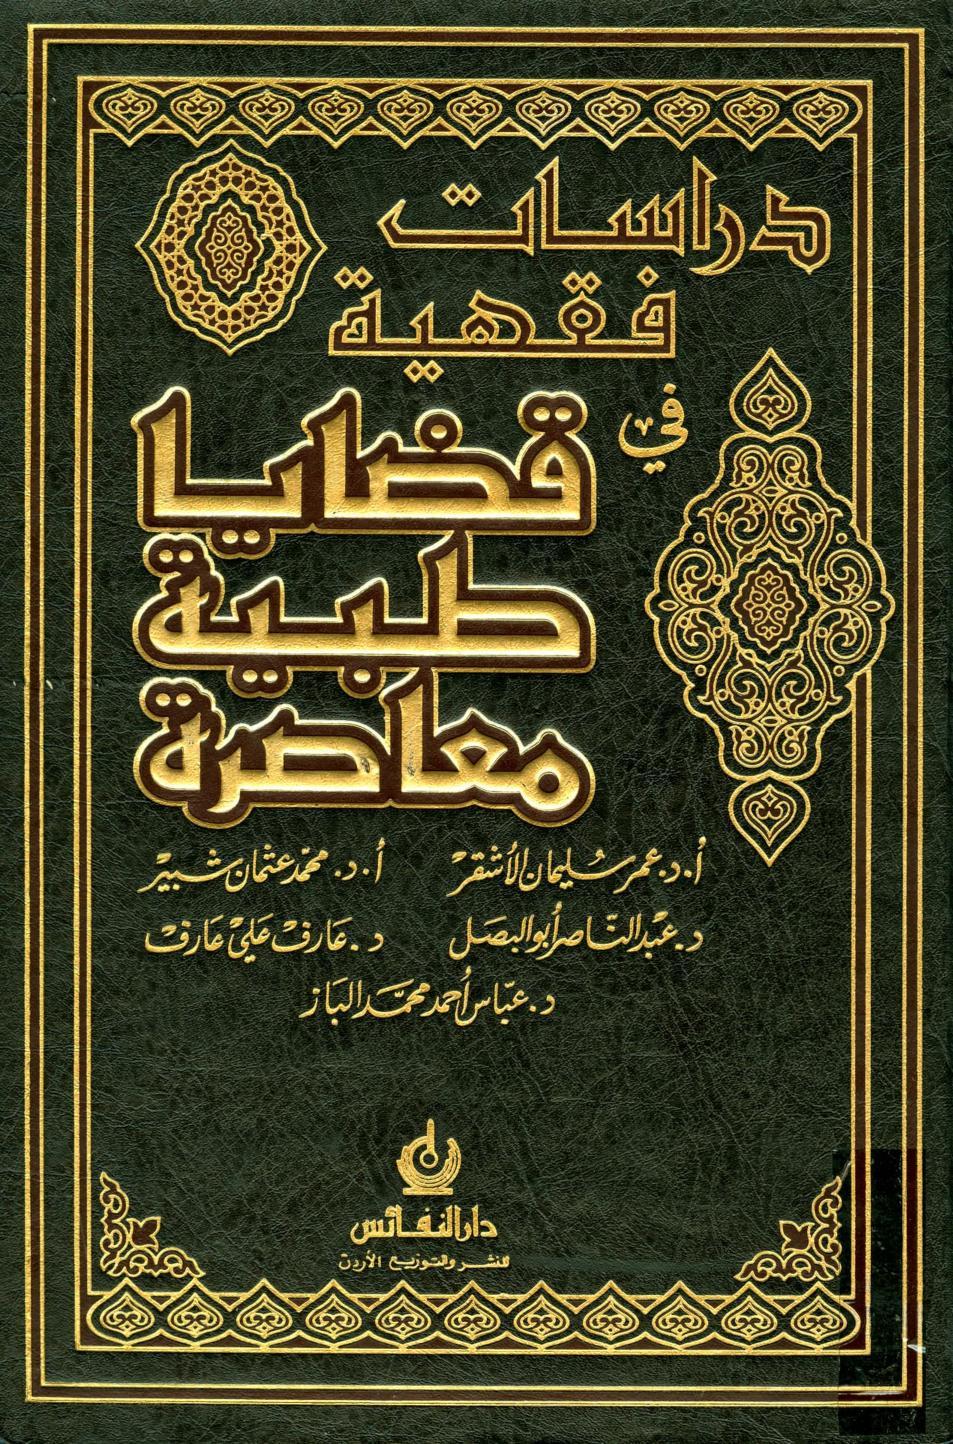 تحميل كتاب قضايا ثقافية معاصرة